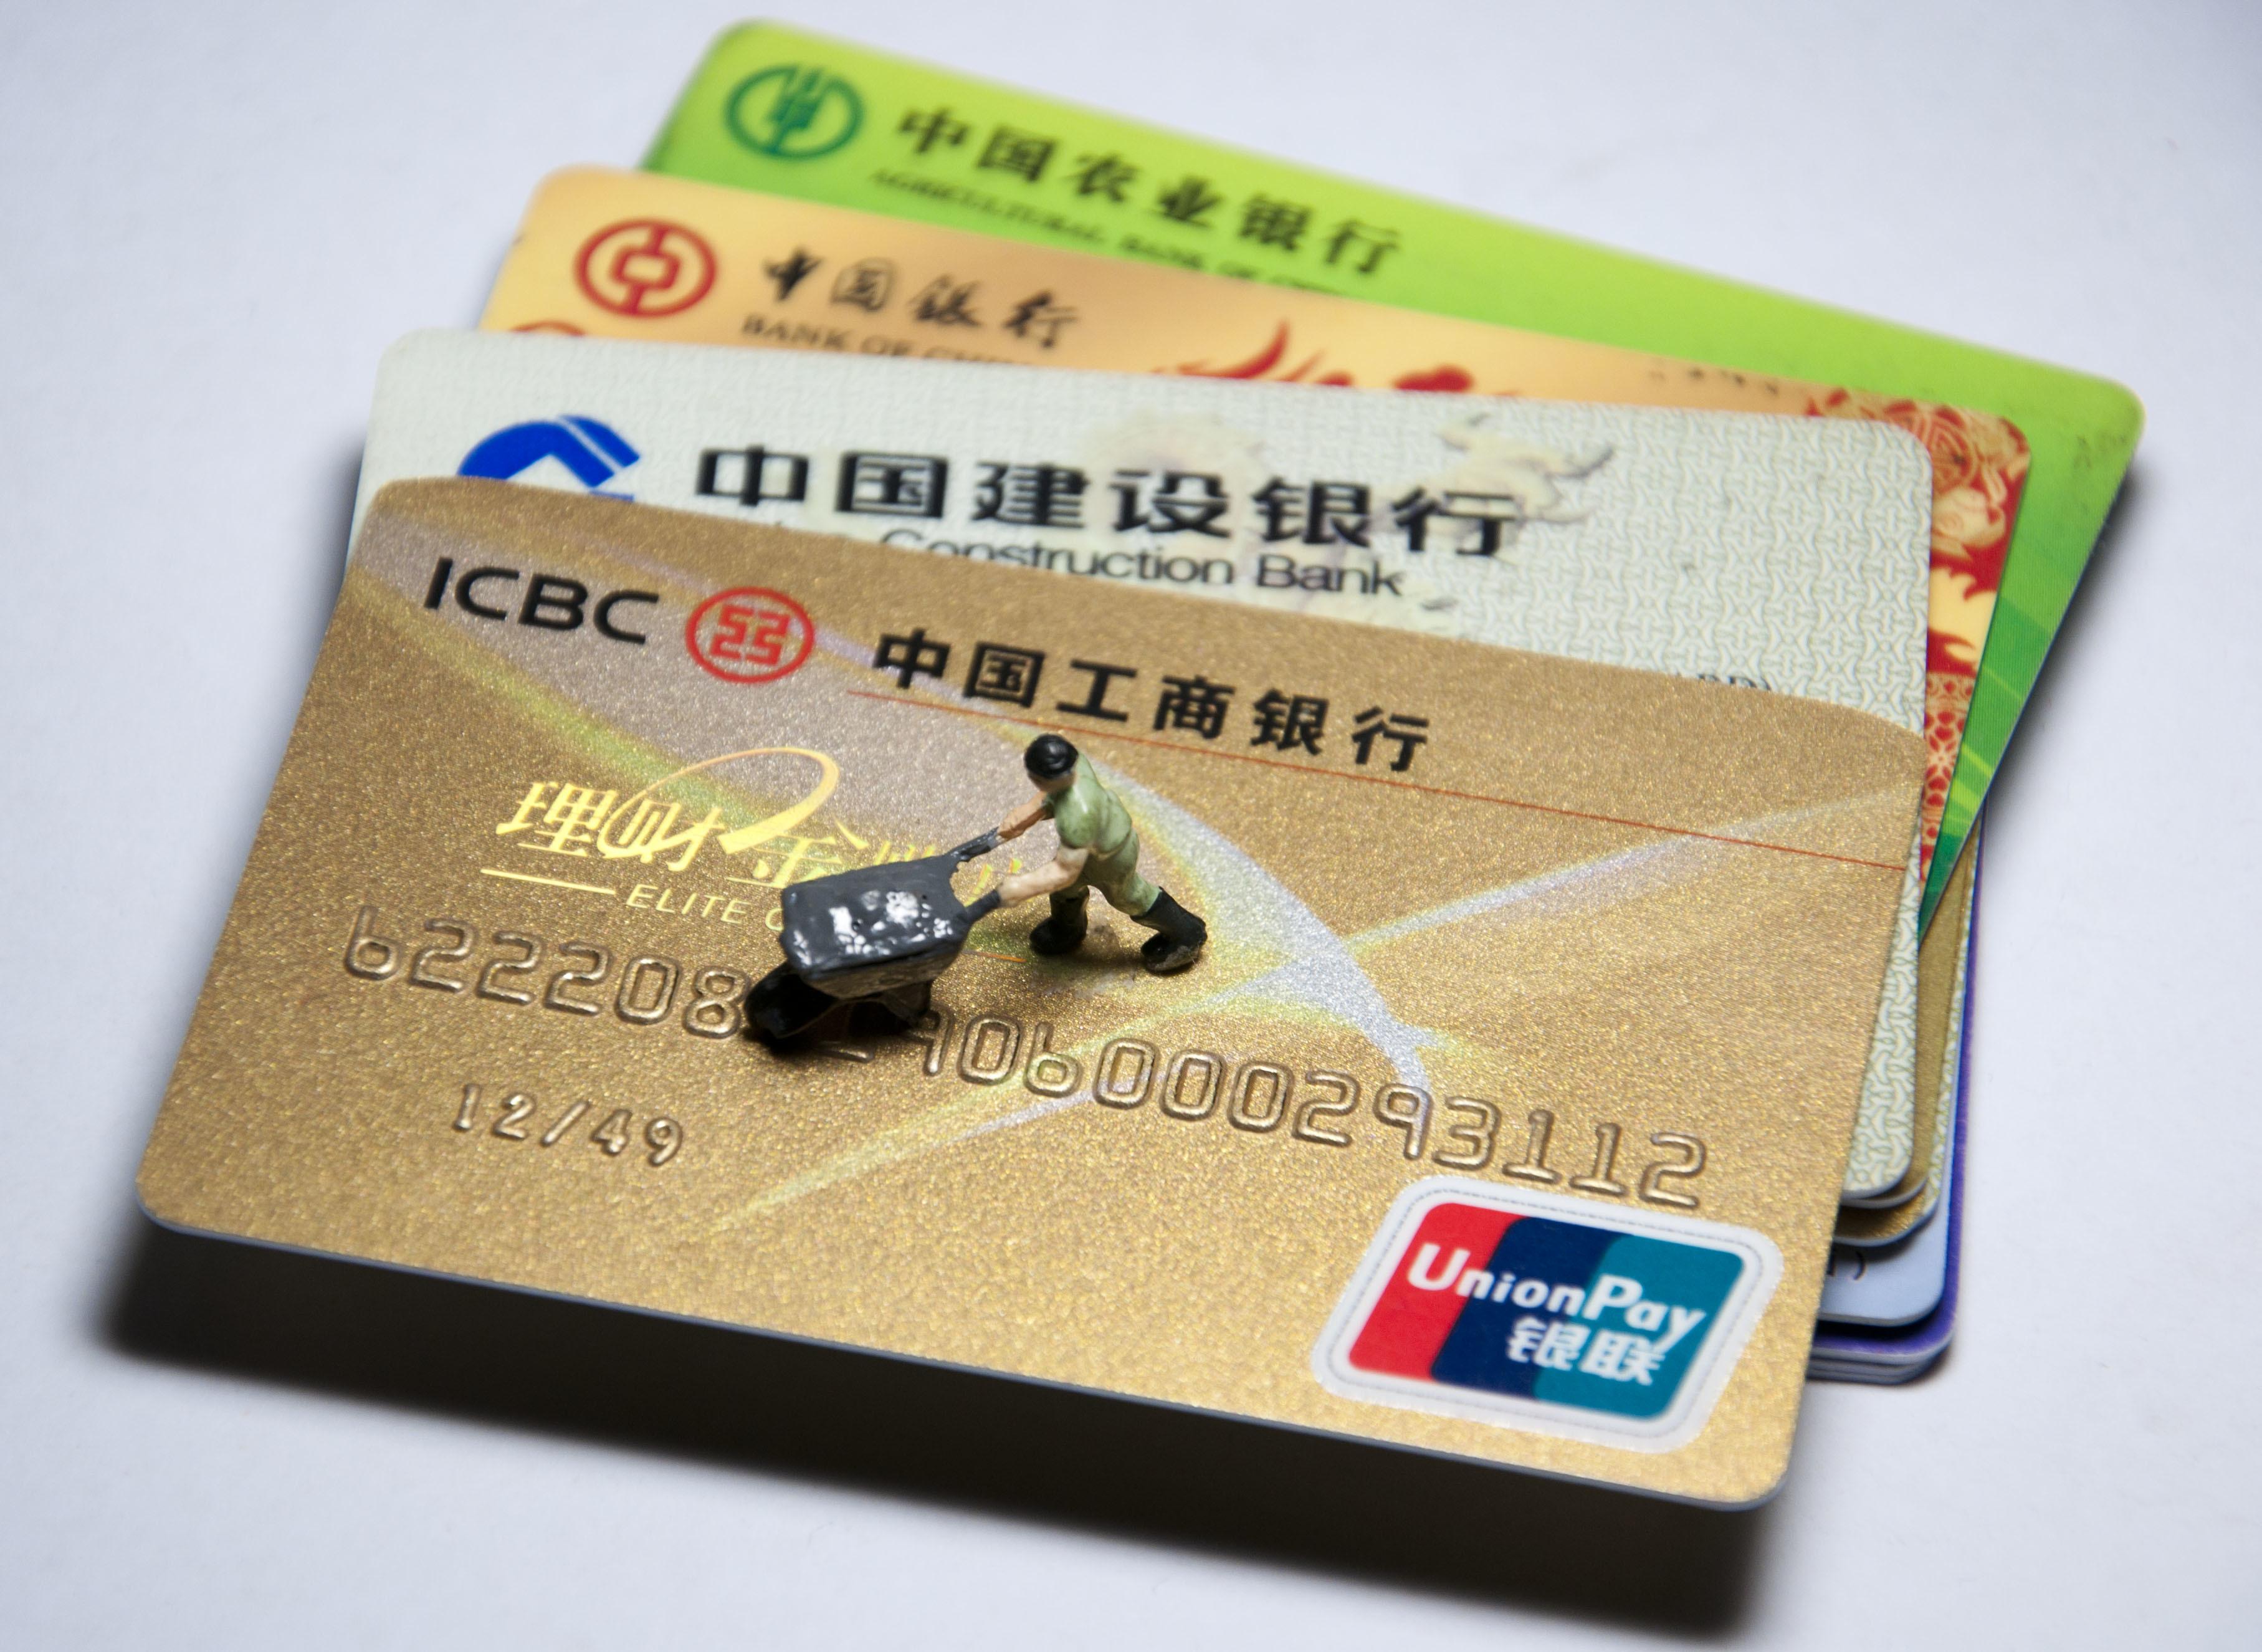 极易导致信用卡被冻结的3个大坑,再踩一次就完了!